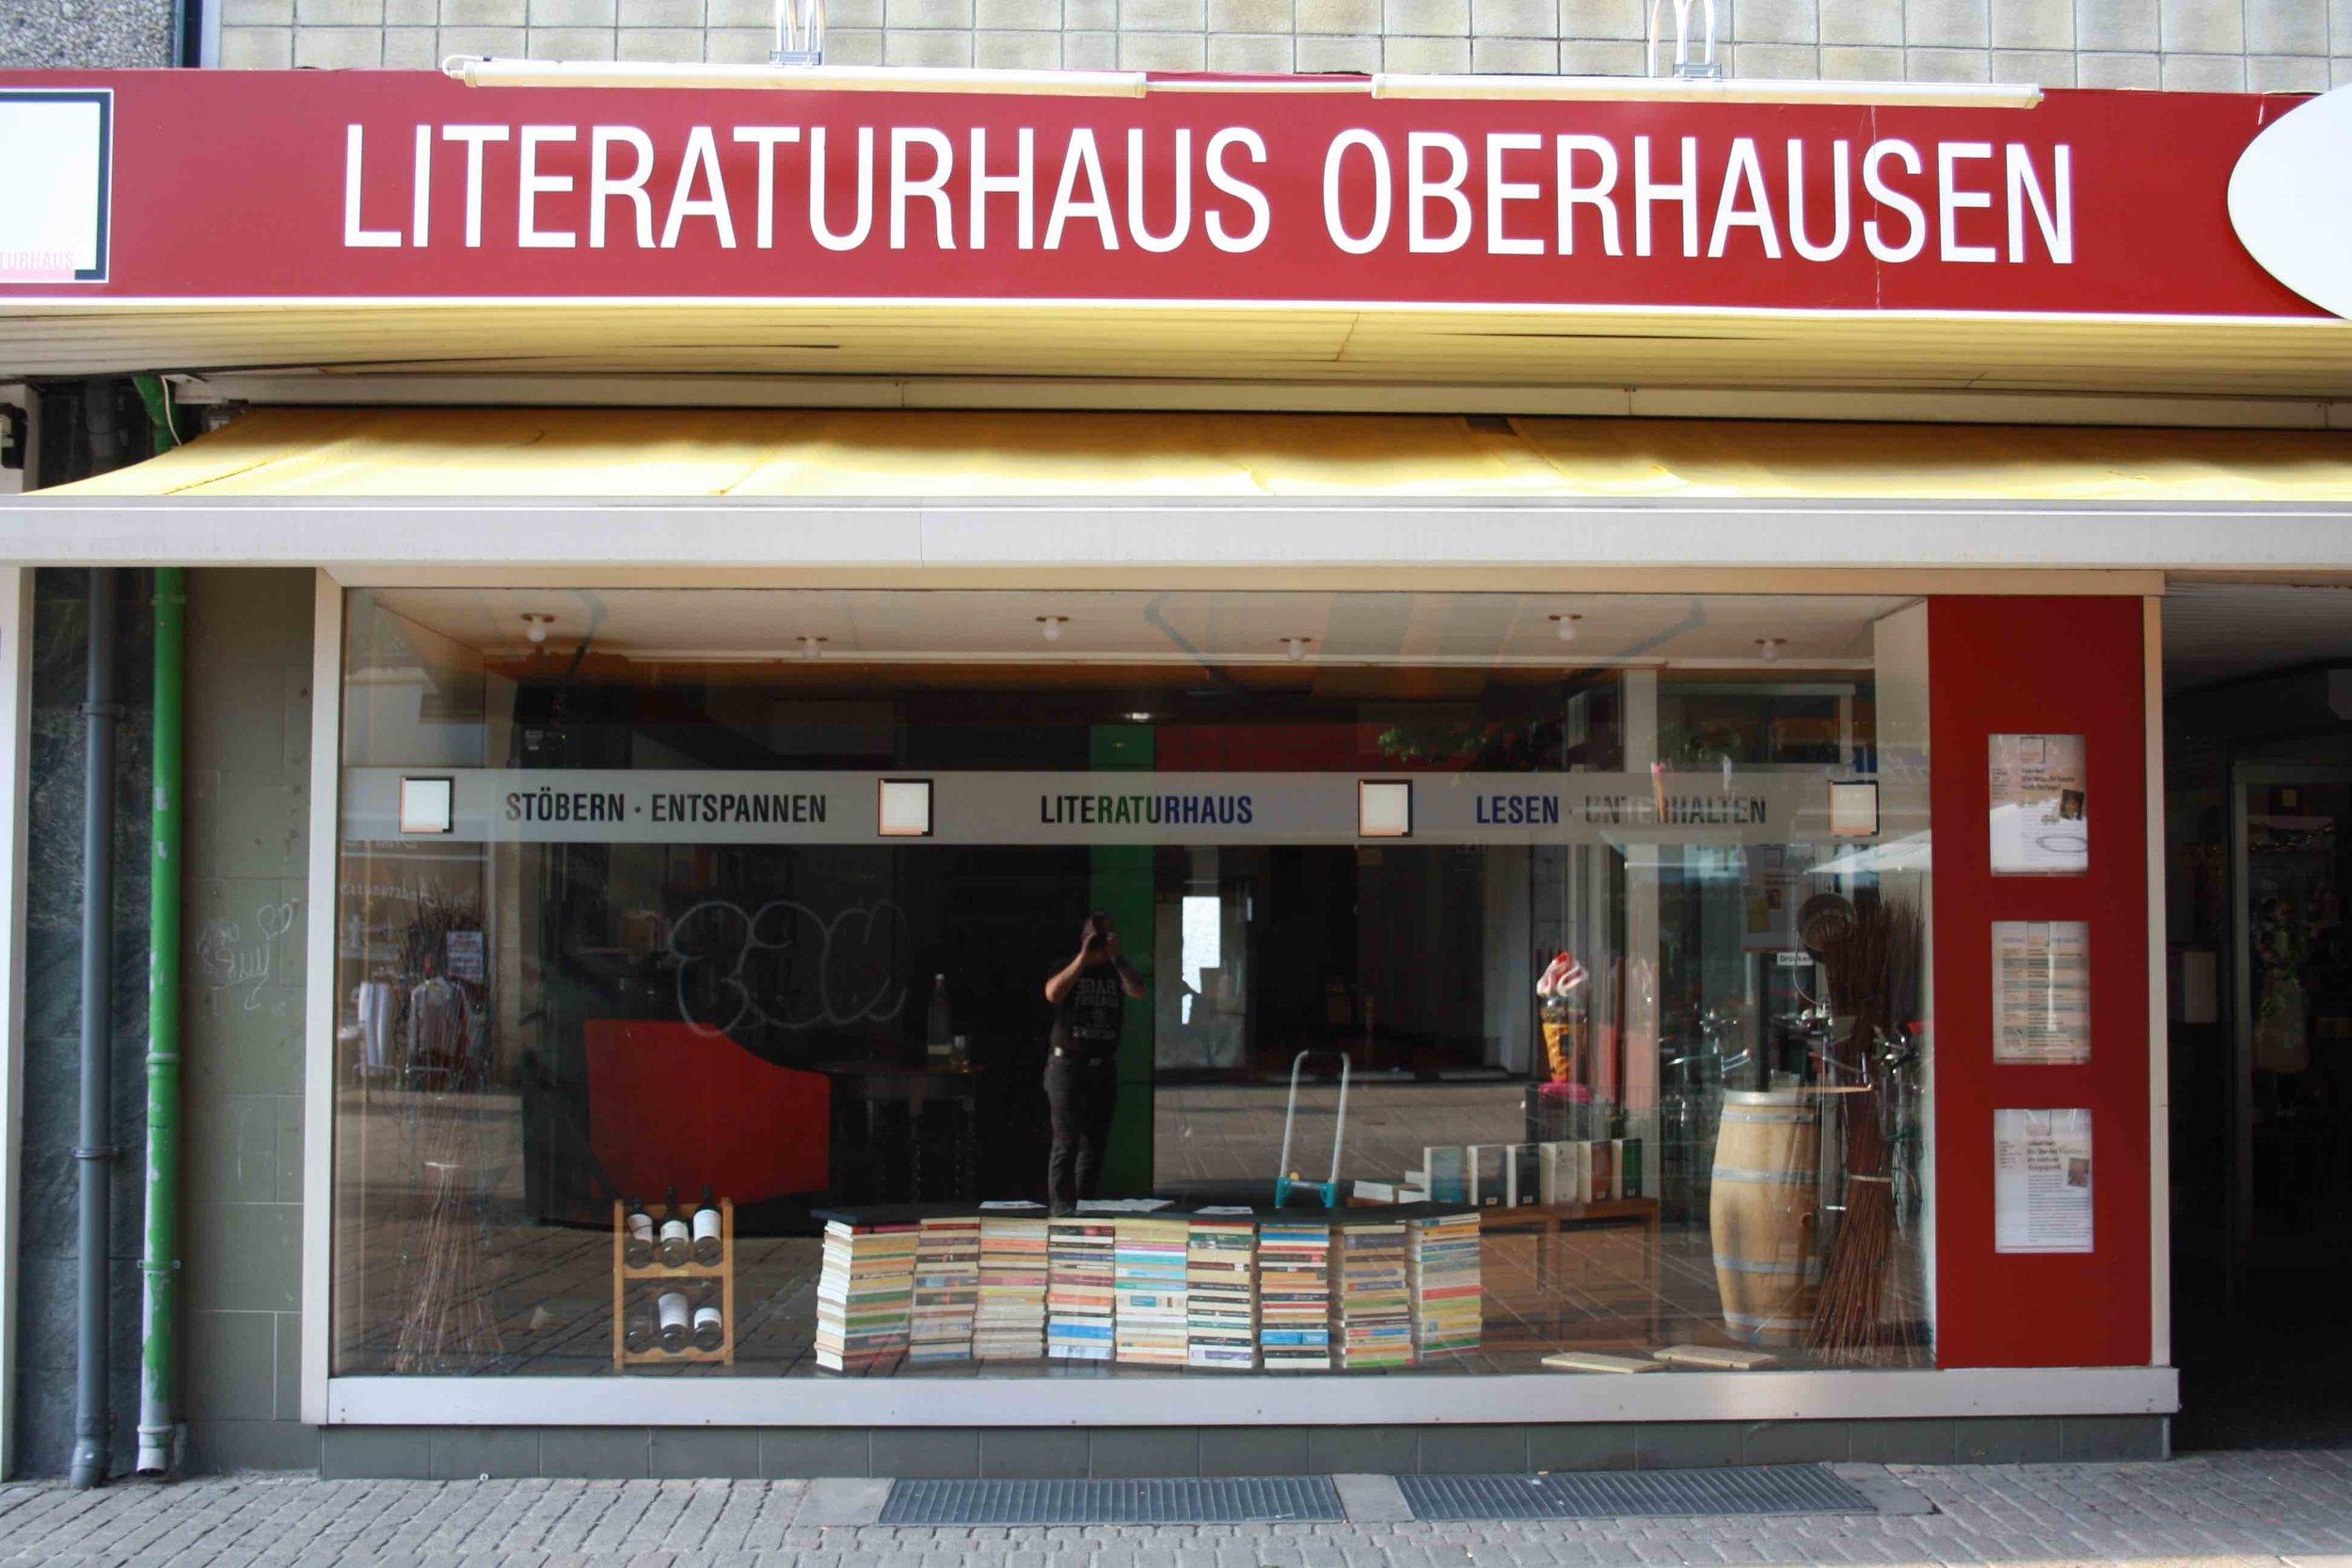 Zu Gast im Literaturhaus - Das Literaturhaus wird auch anderen Veranstaltern für kulturelle Angebote zur Verfügung gestellt.Wenn Sie diese Möglichkeit nutzen wollen, nehmen Sie bitte Kontakt mit uns auf.